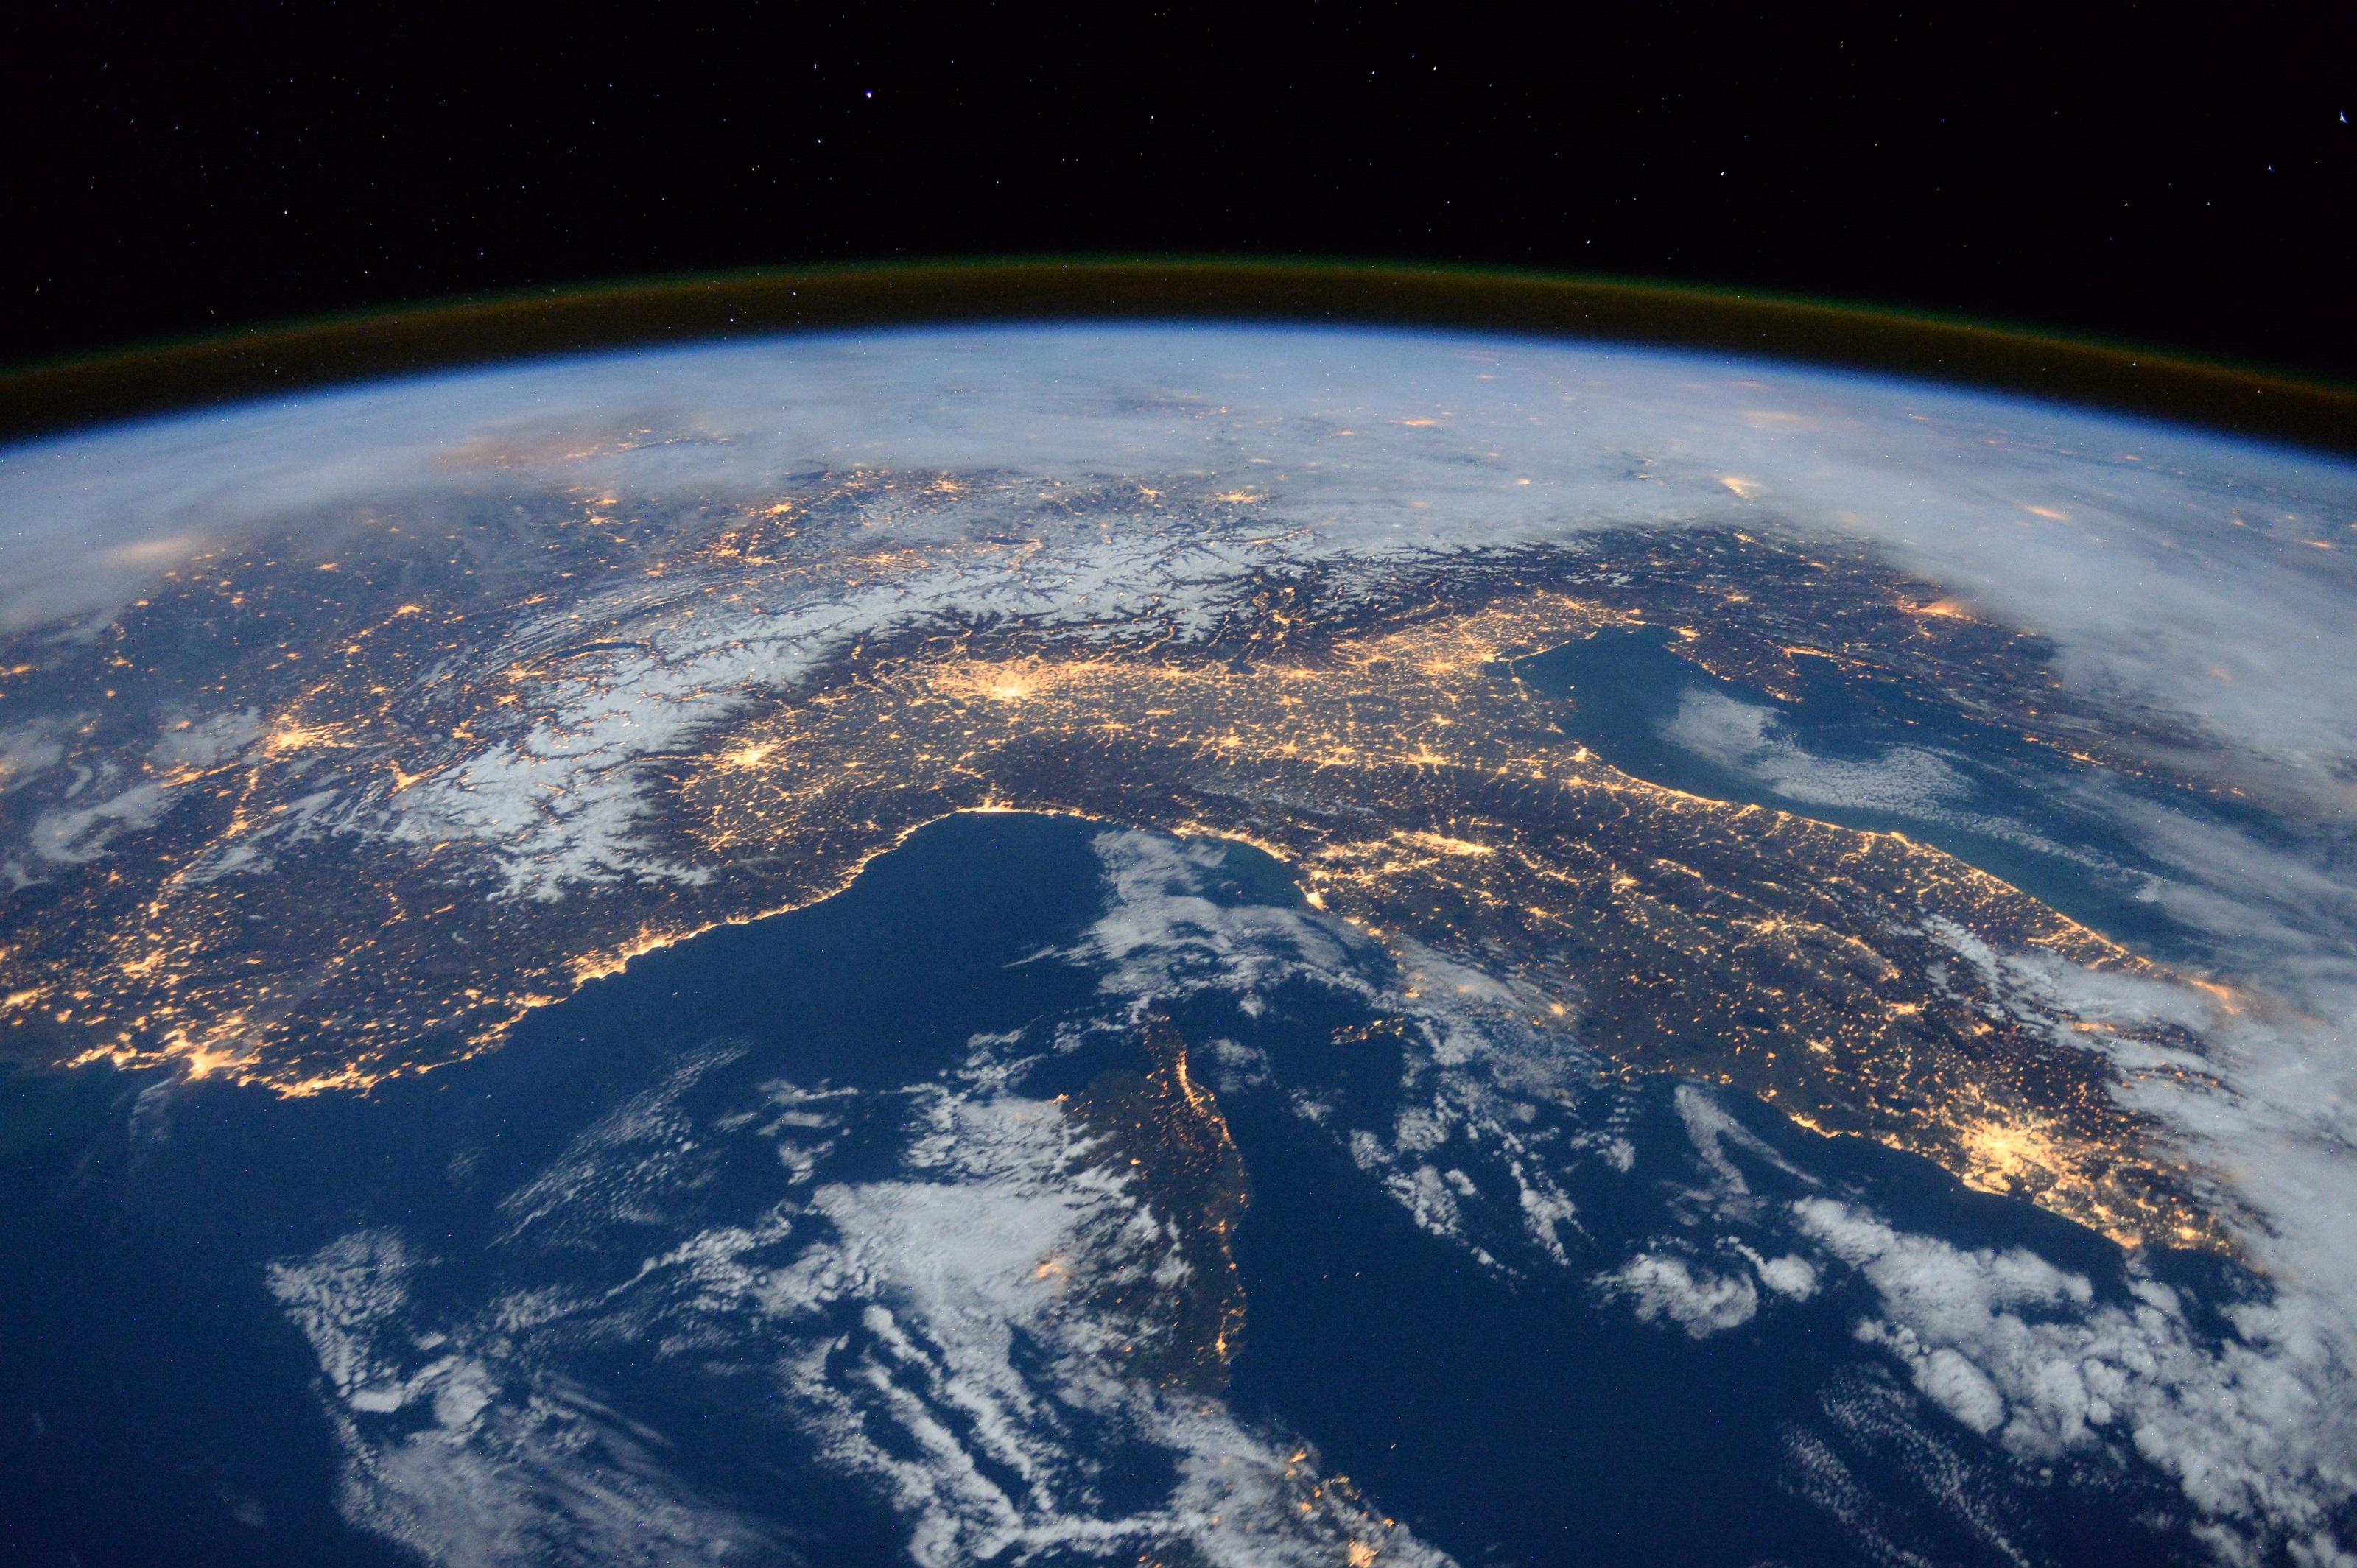 этого, следует снимки земли с космоса фото фильм